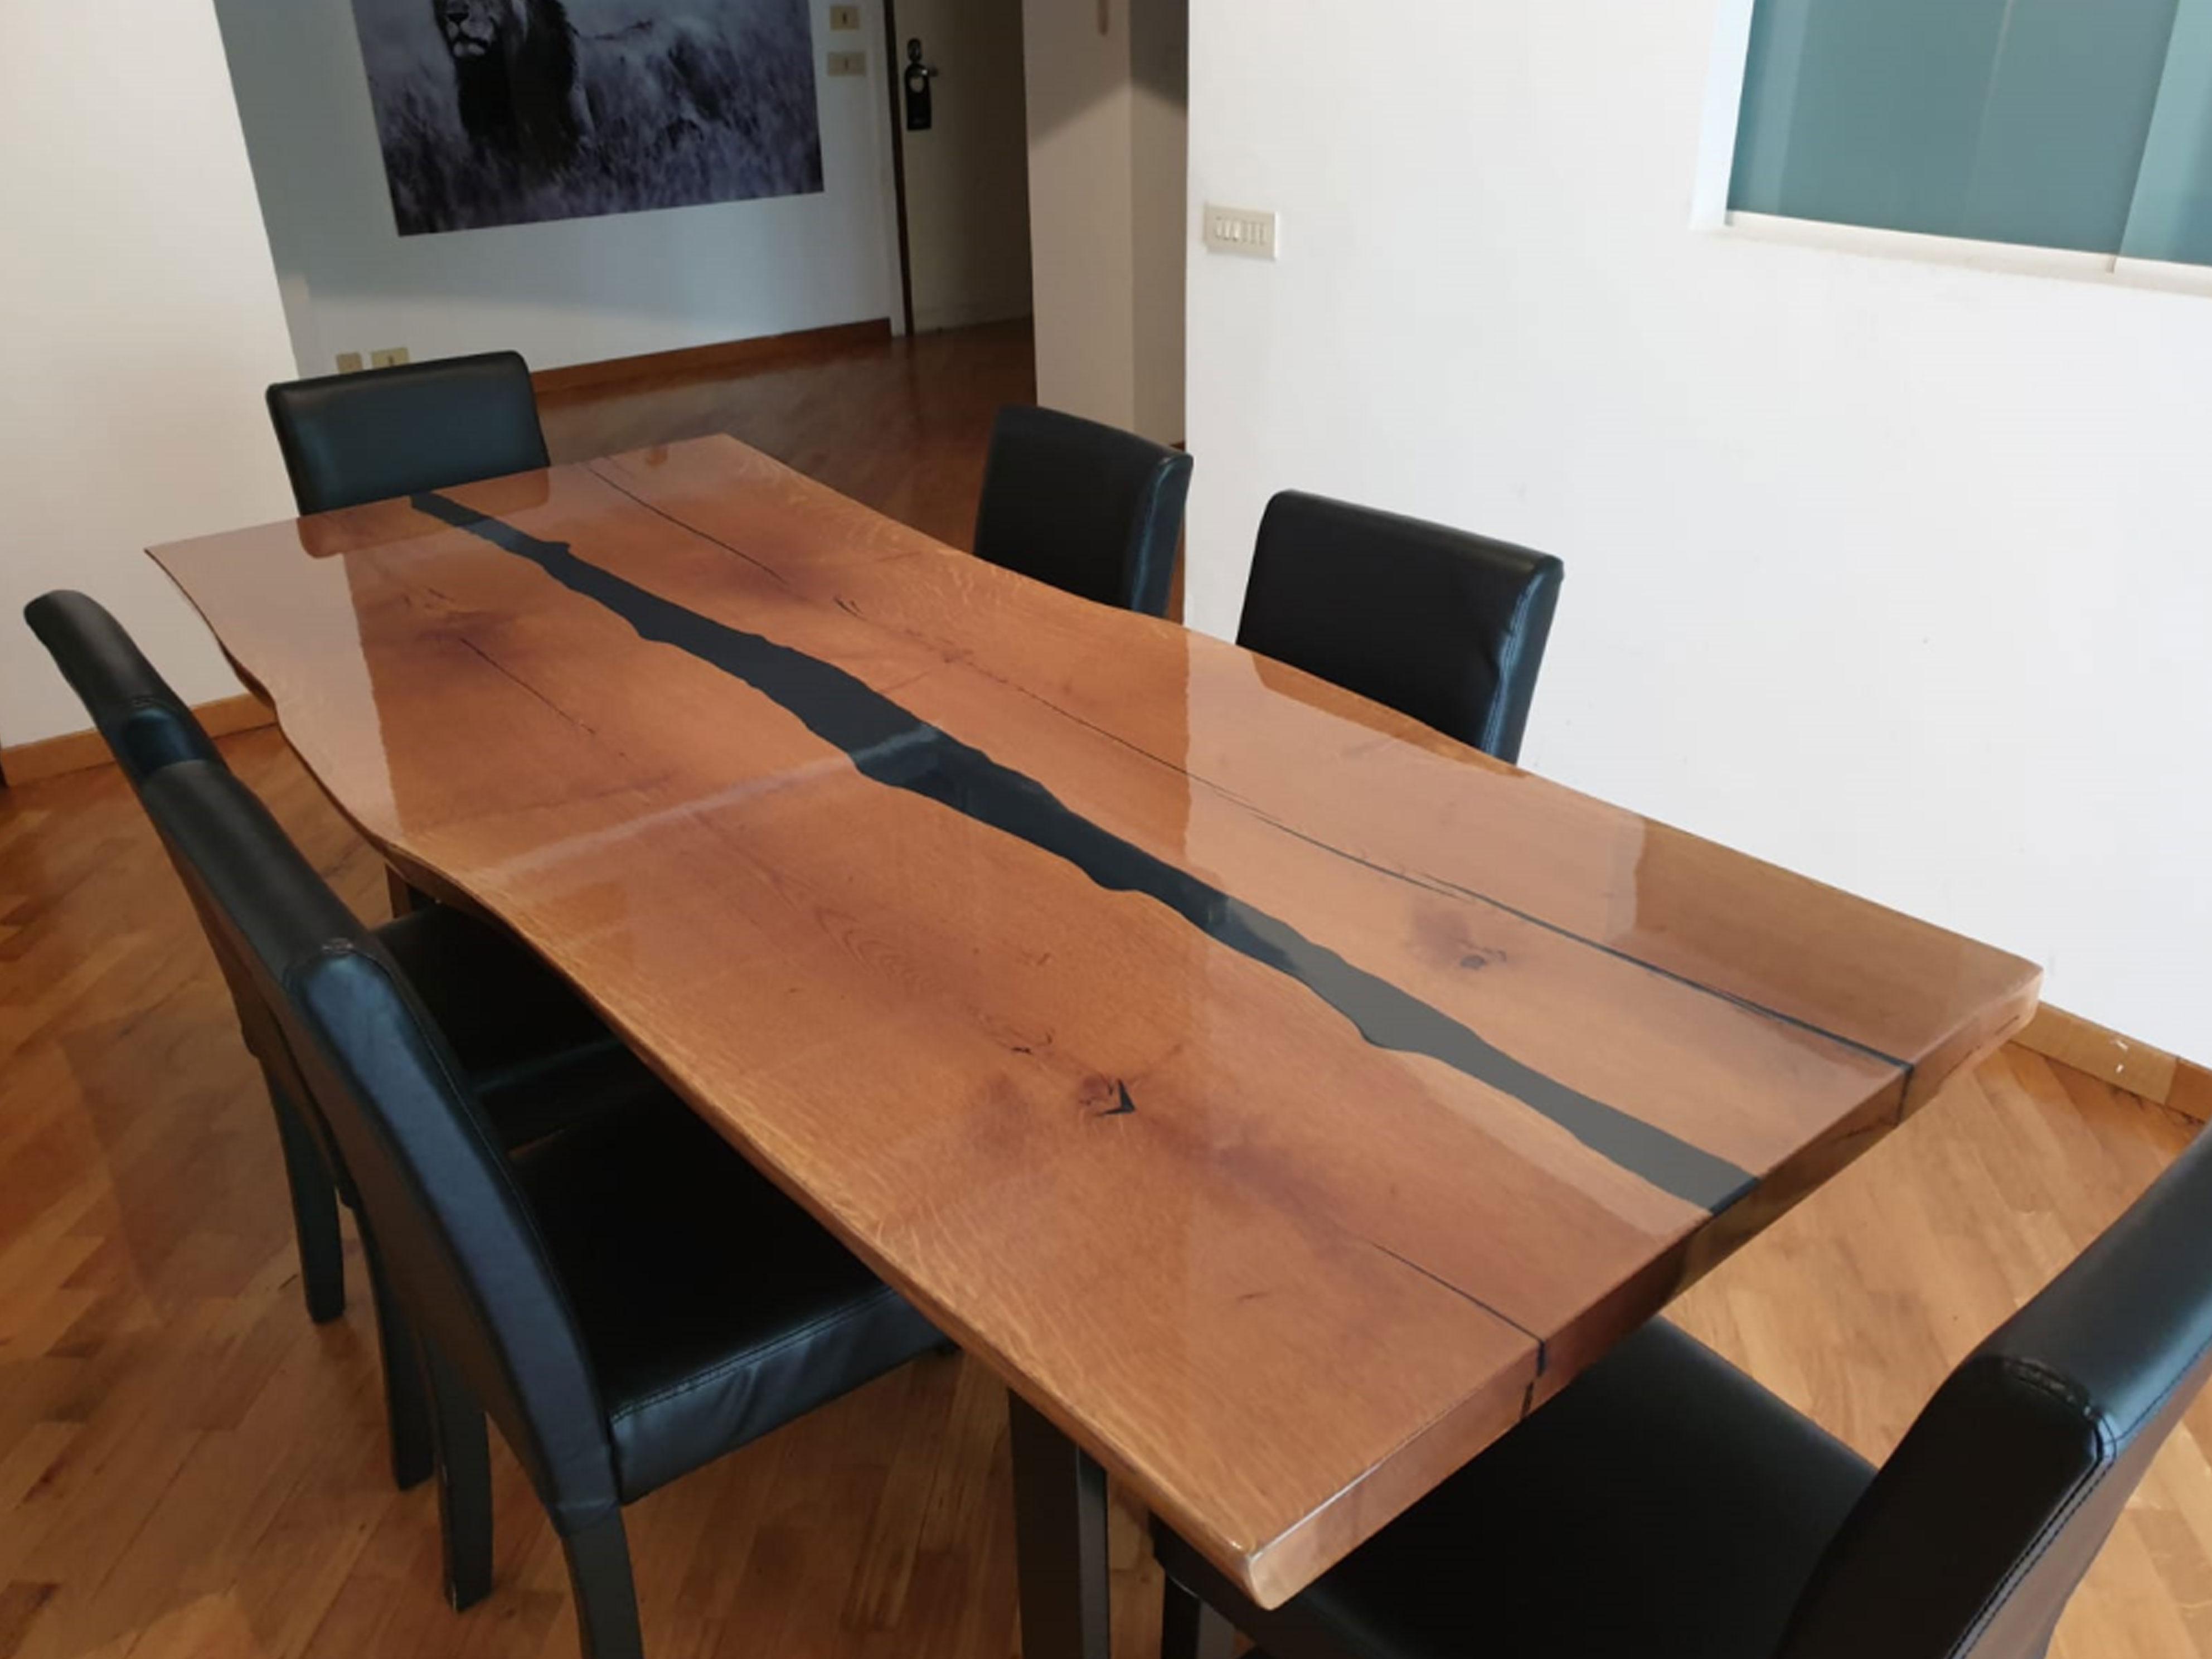 tavolo con piano in legno naturale e stuccature nere a vista